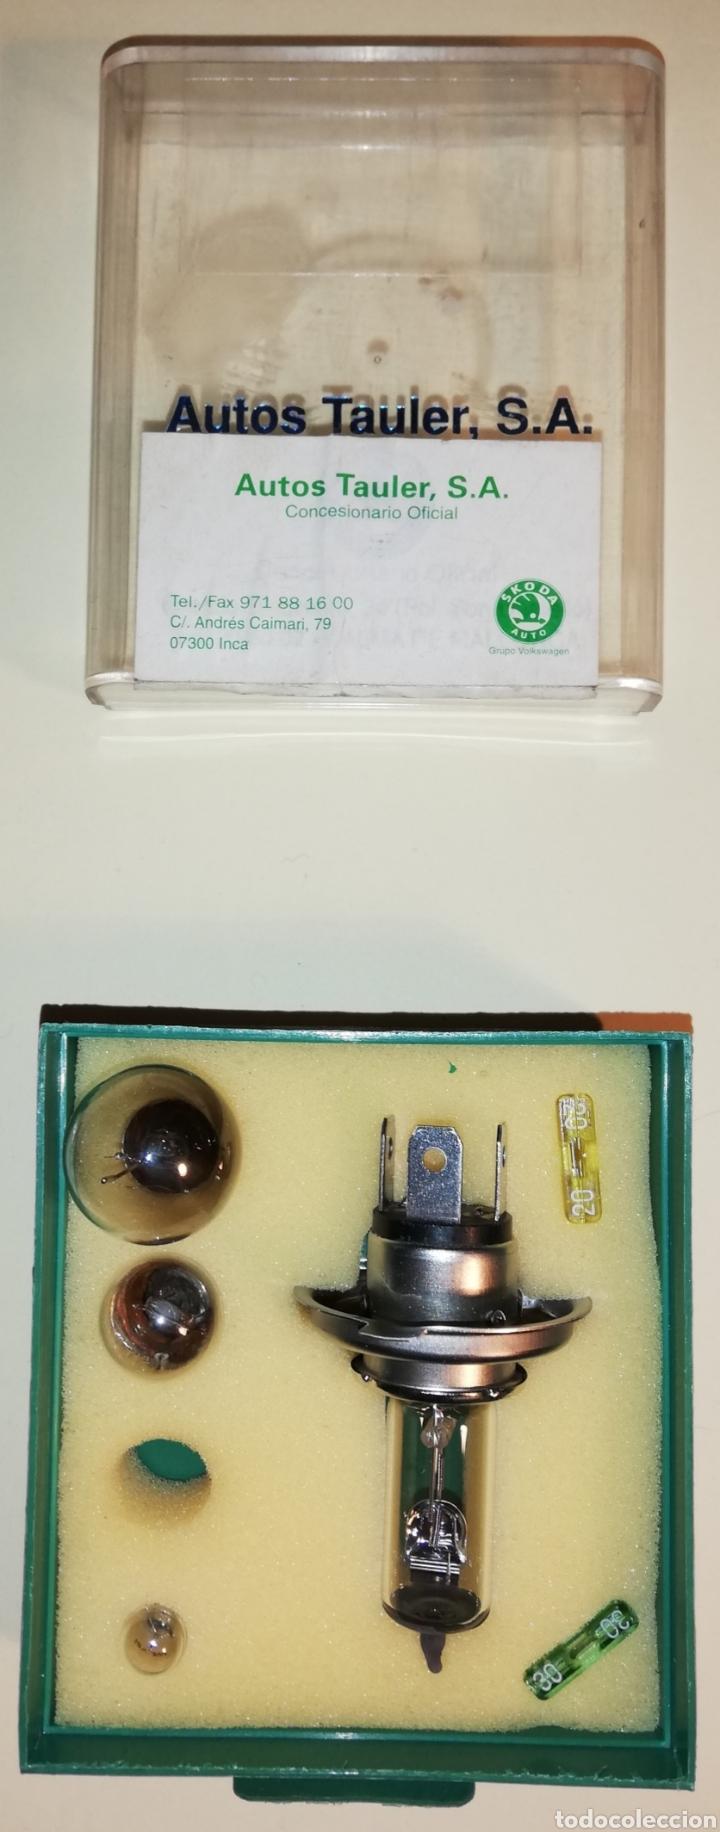 Coches y Motocicletas: Caja repuesto bombillas SKODA Octavia - Foto 2 - 151660717